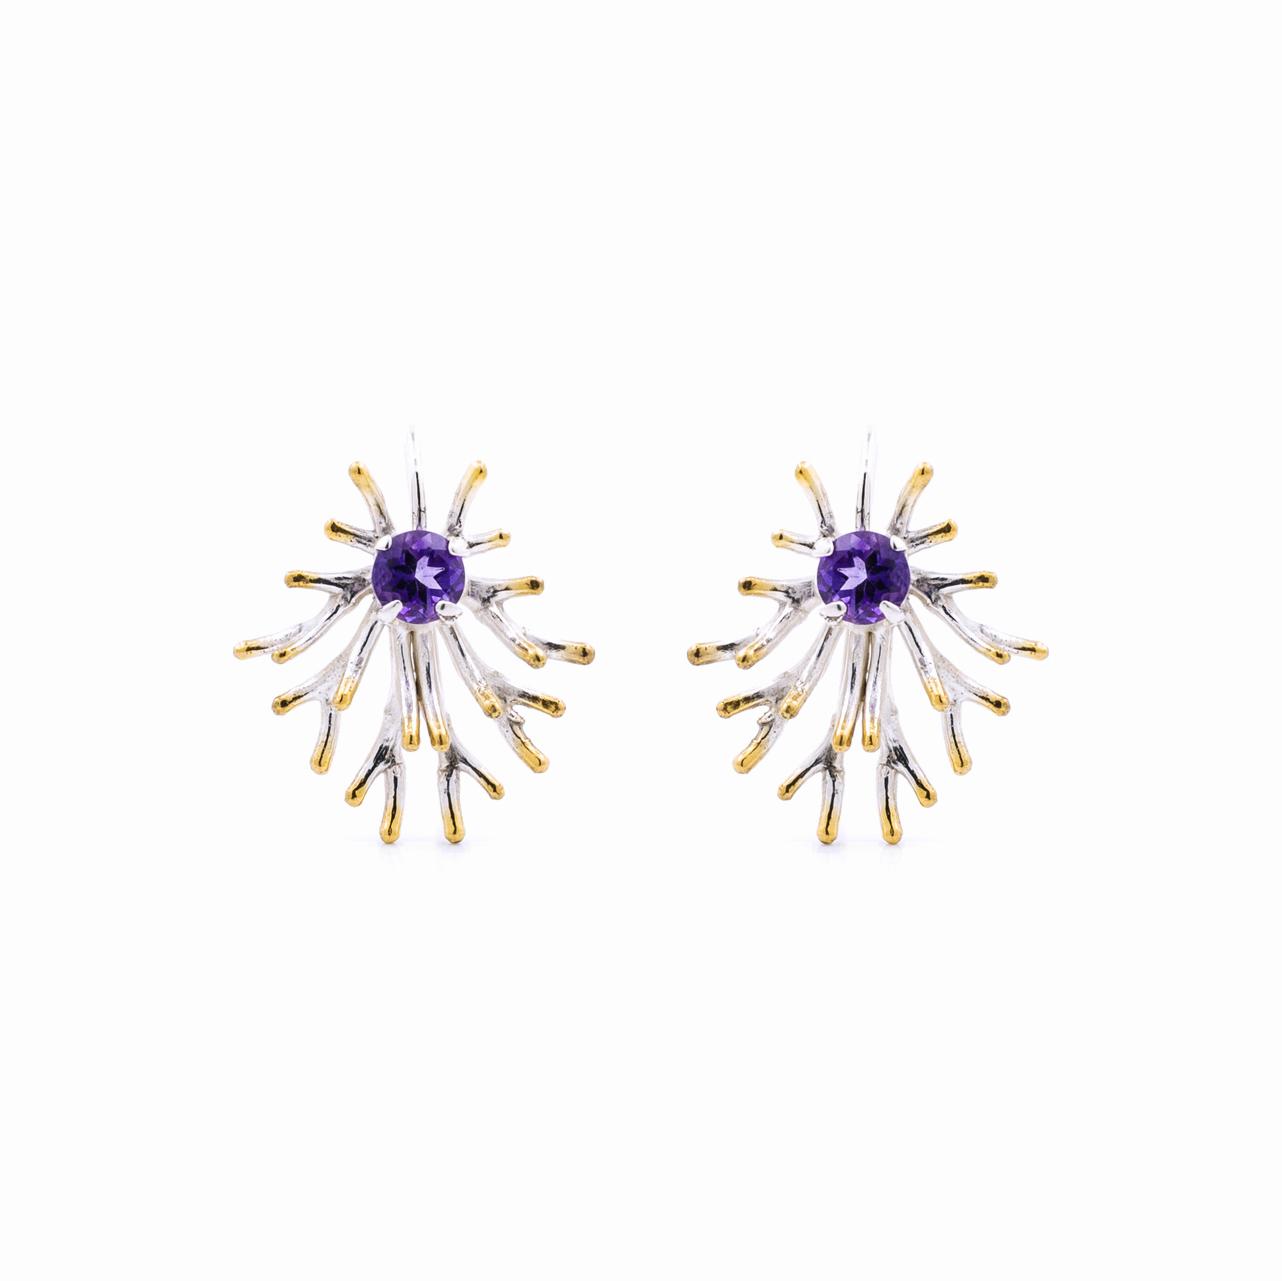 Astrocyte earrings, sterling silver, amethyst